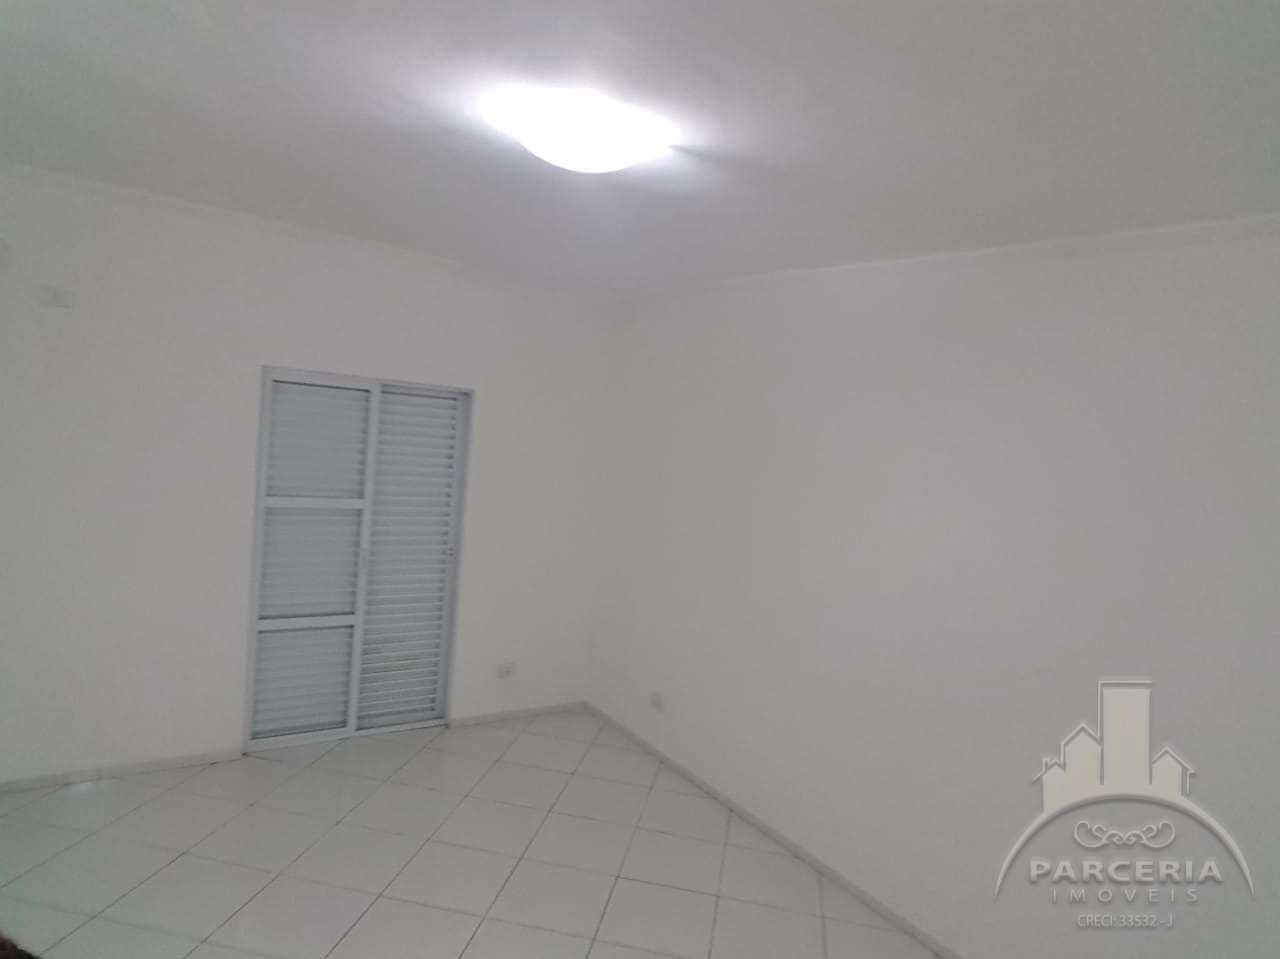 Sobrado com 4 dorms, Jardim Casqueiro, Cubatão - R$ 630 mil, Cod: 1223